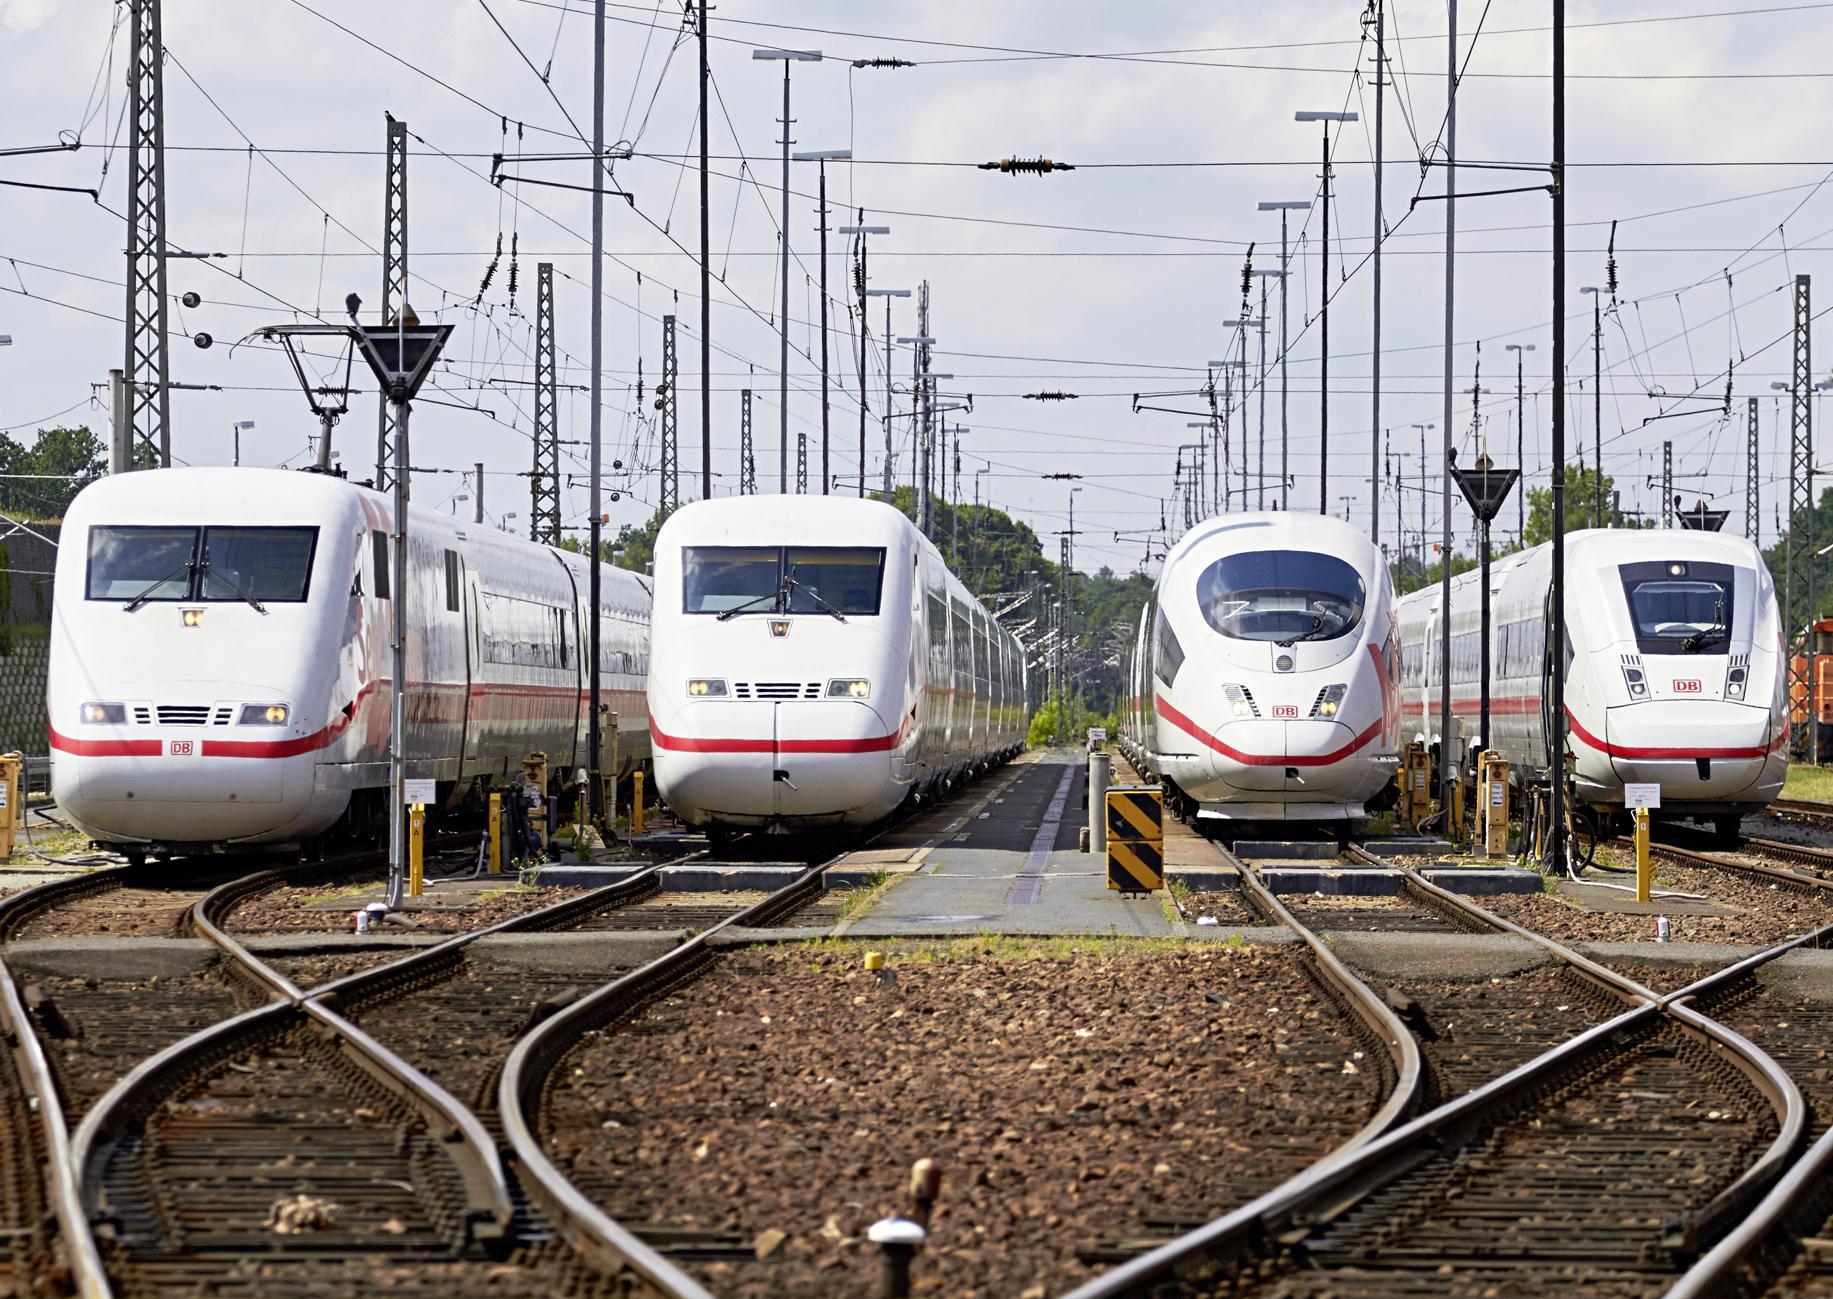 vier ICE im Bahnhofsvorfeld nebeneinander